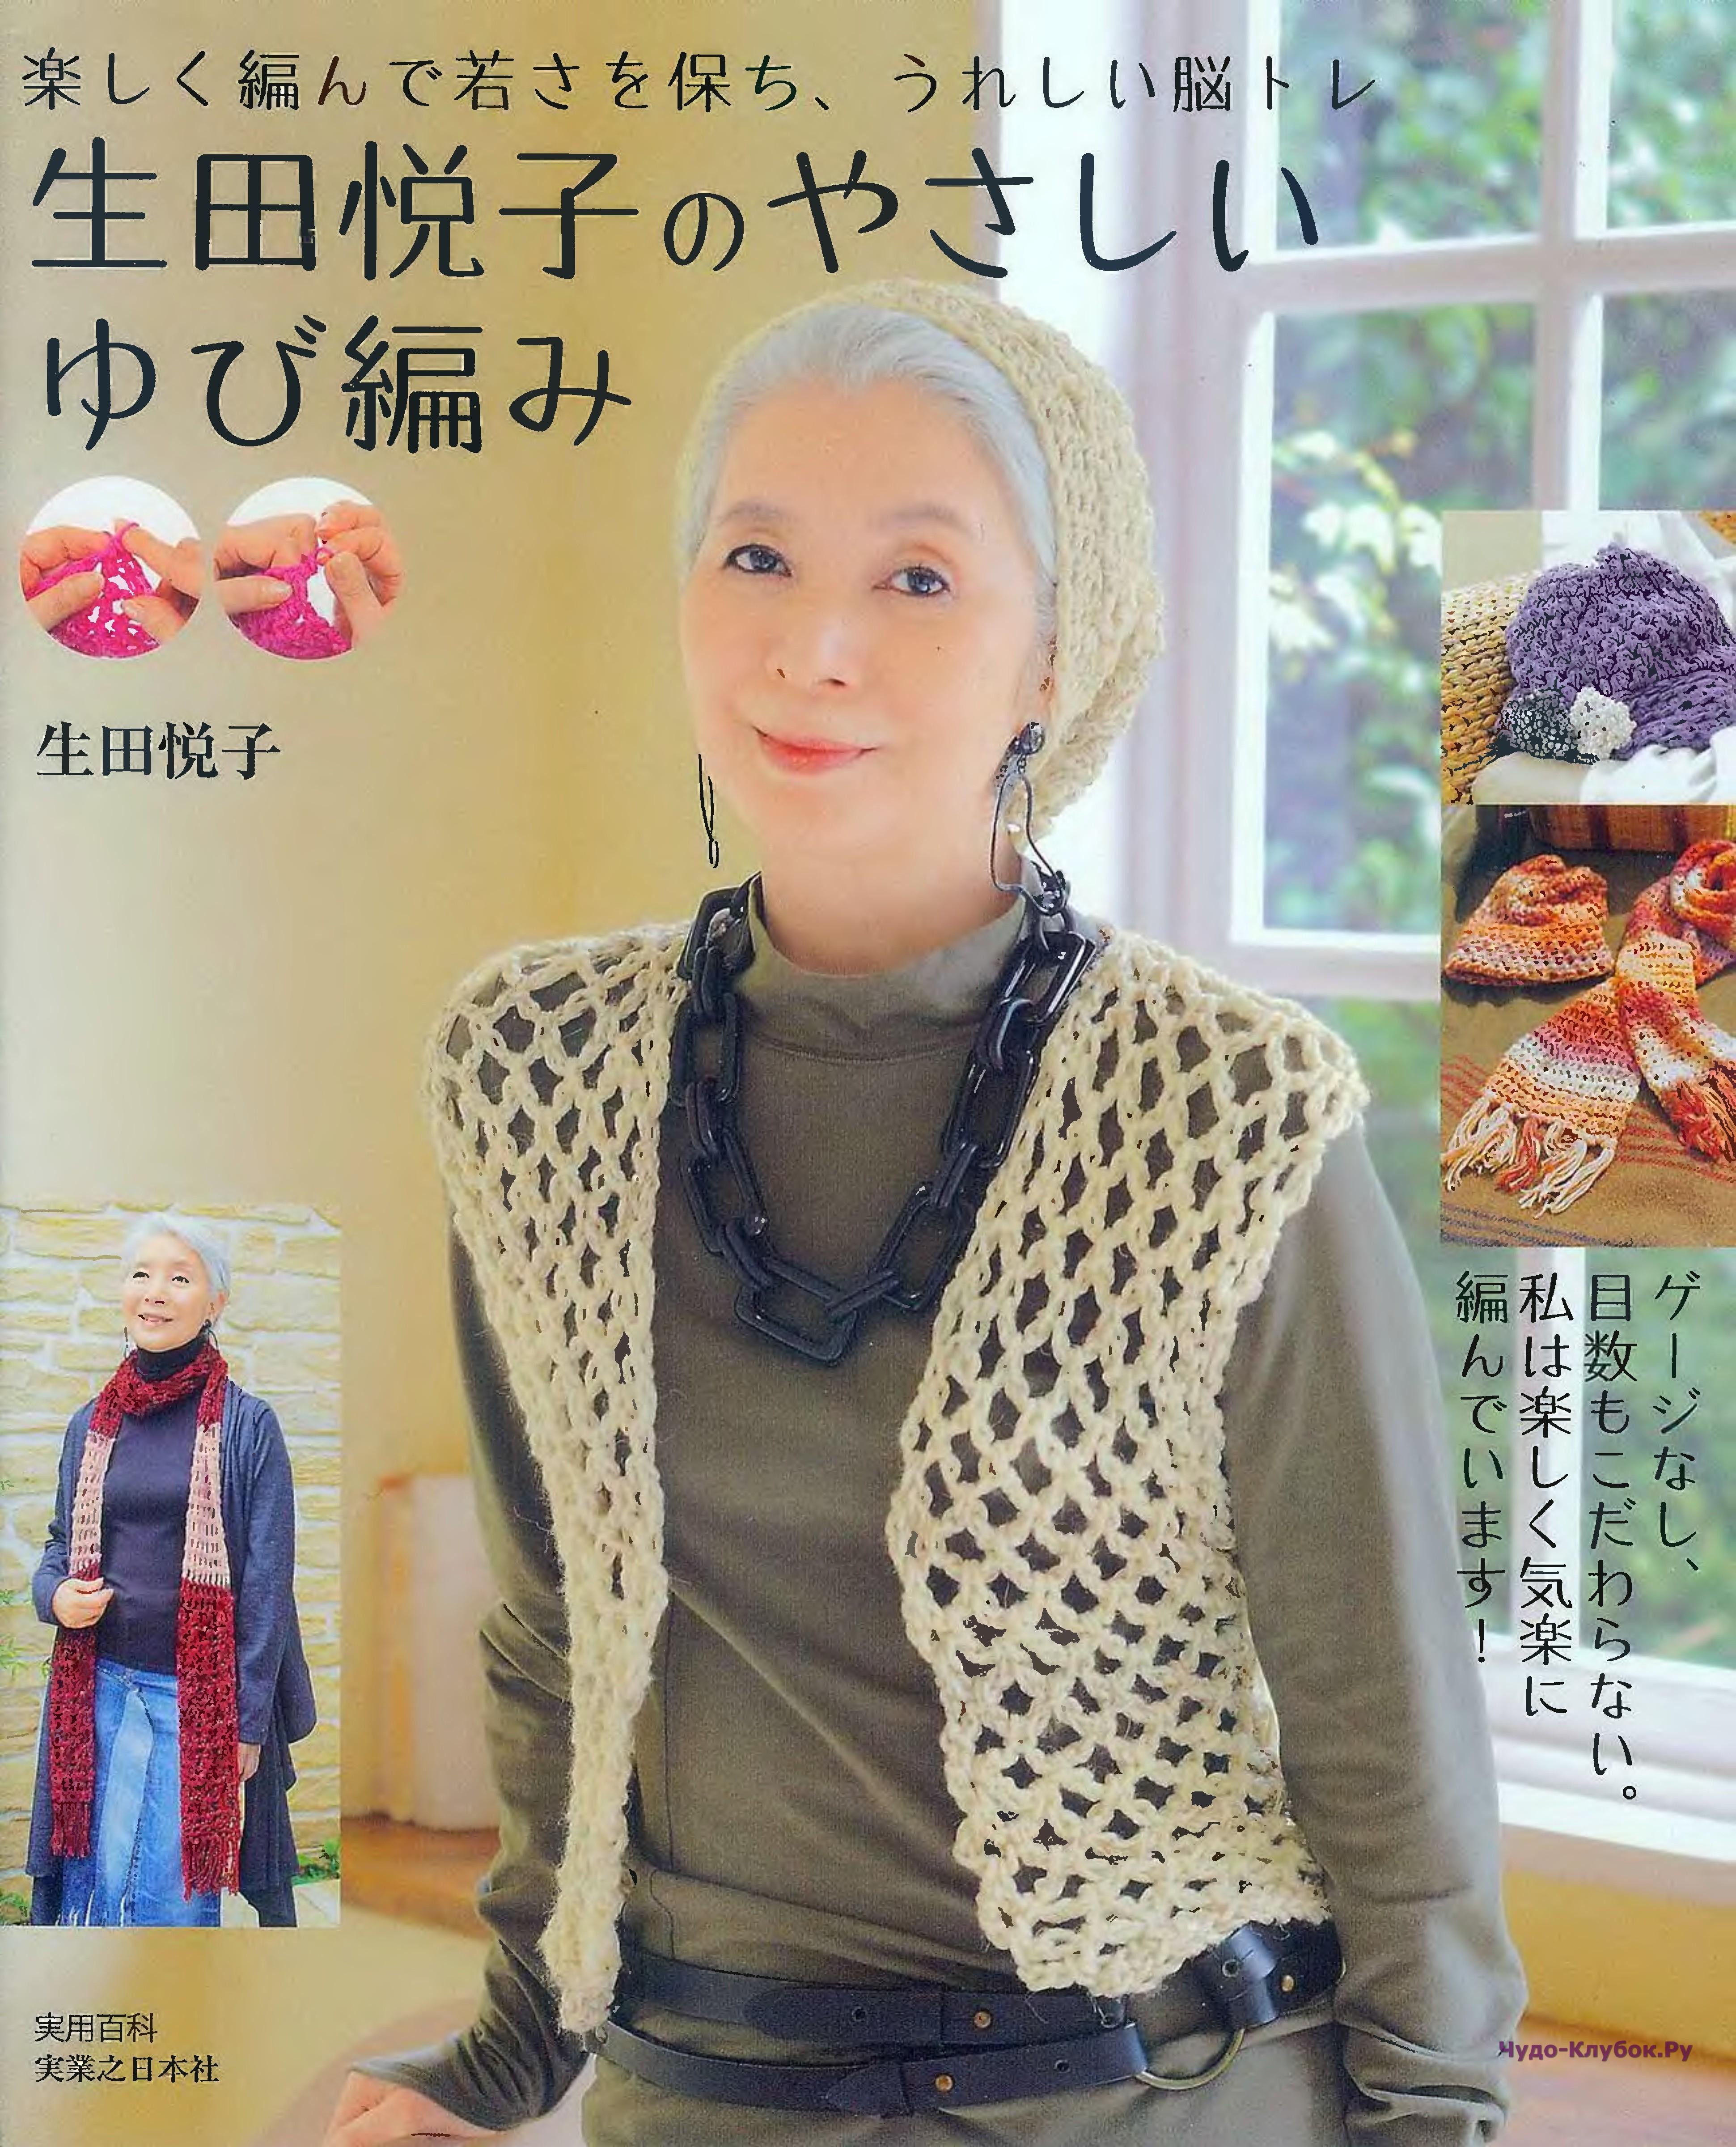 японский журнал по вязанию на пальцах чудо клубокру